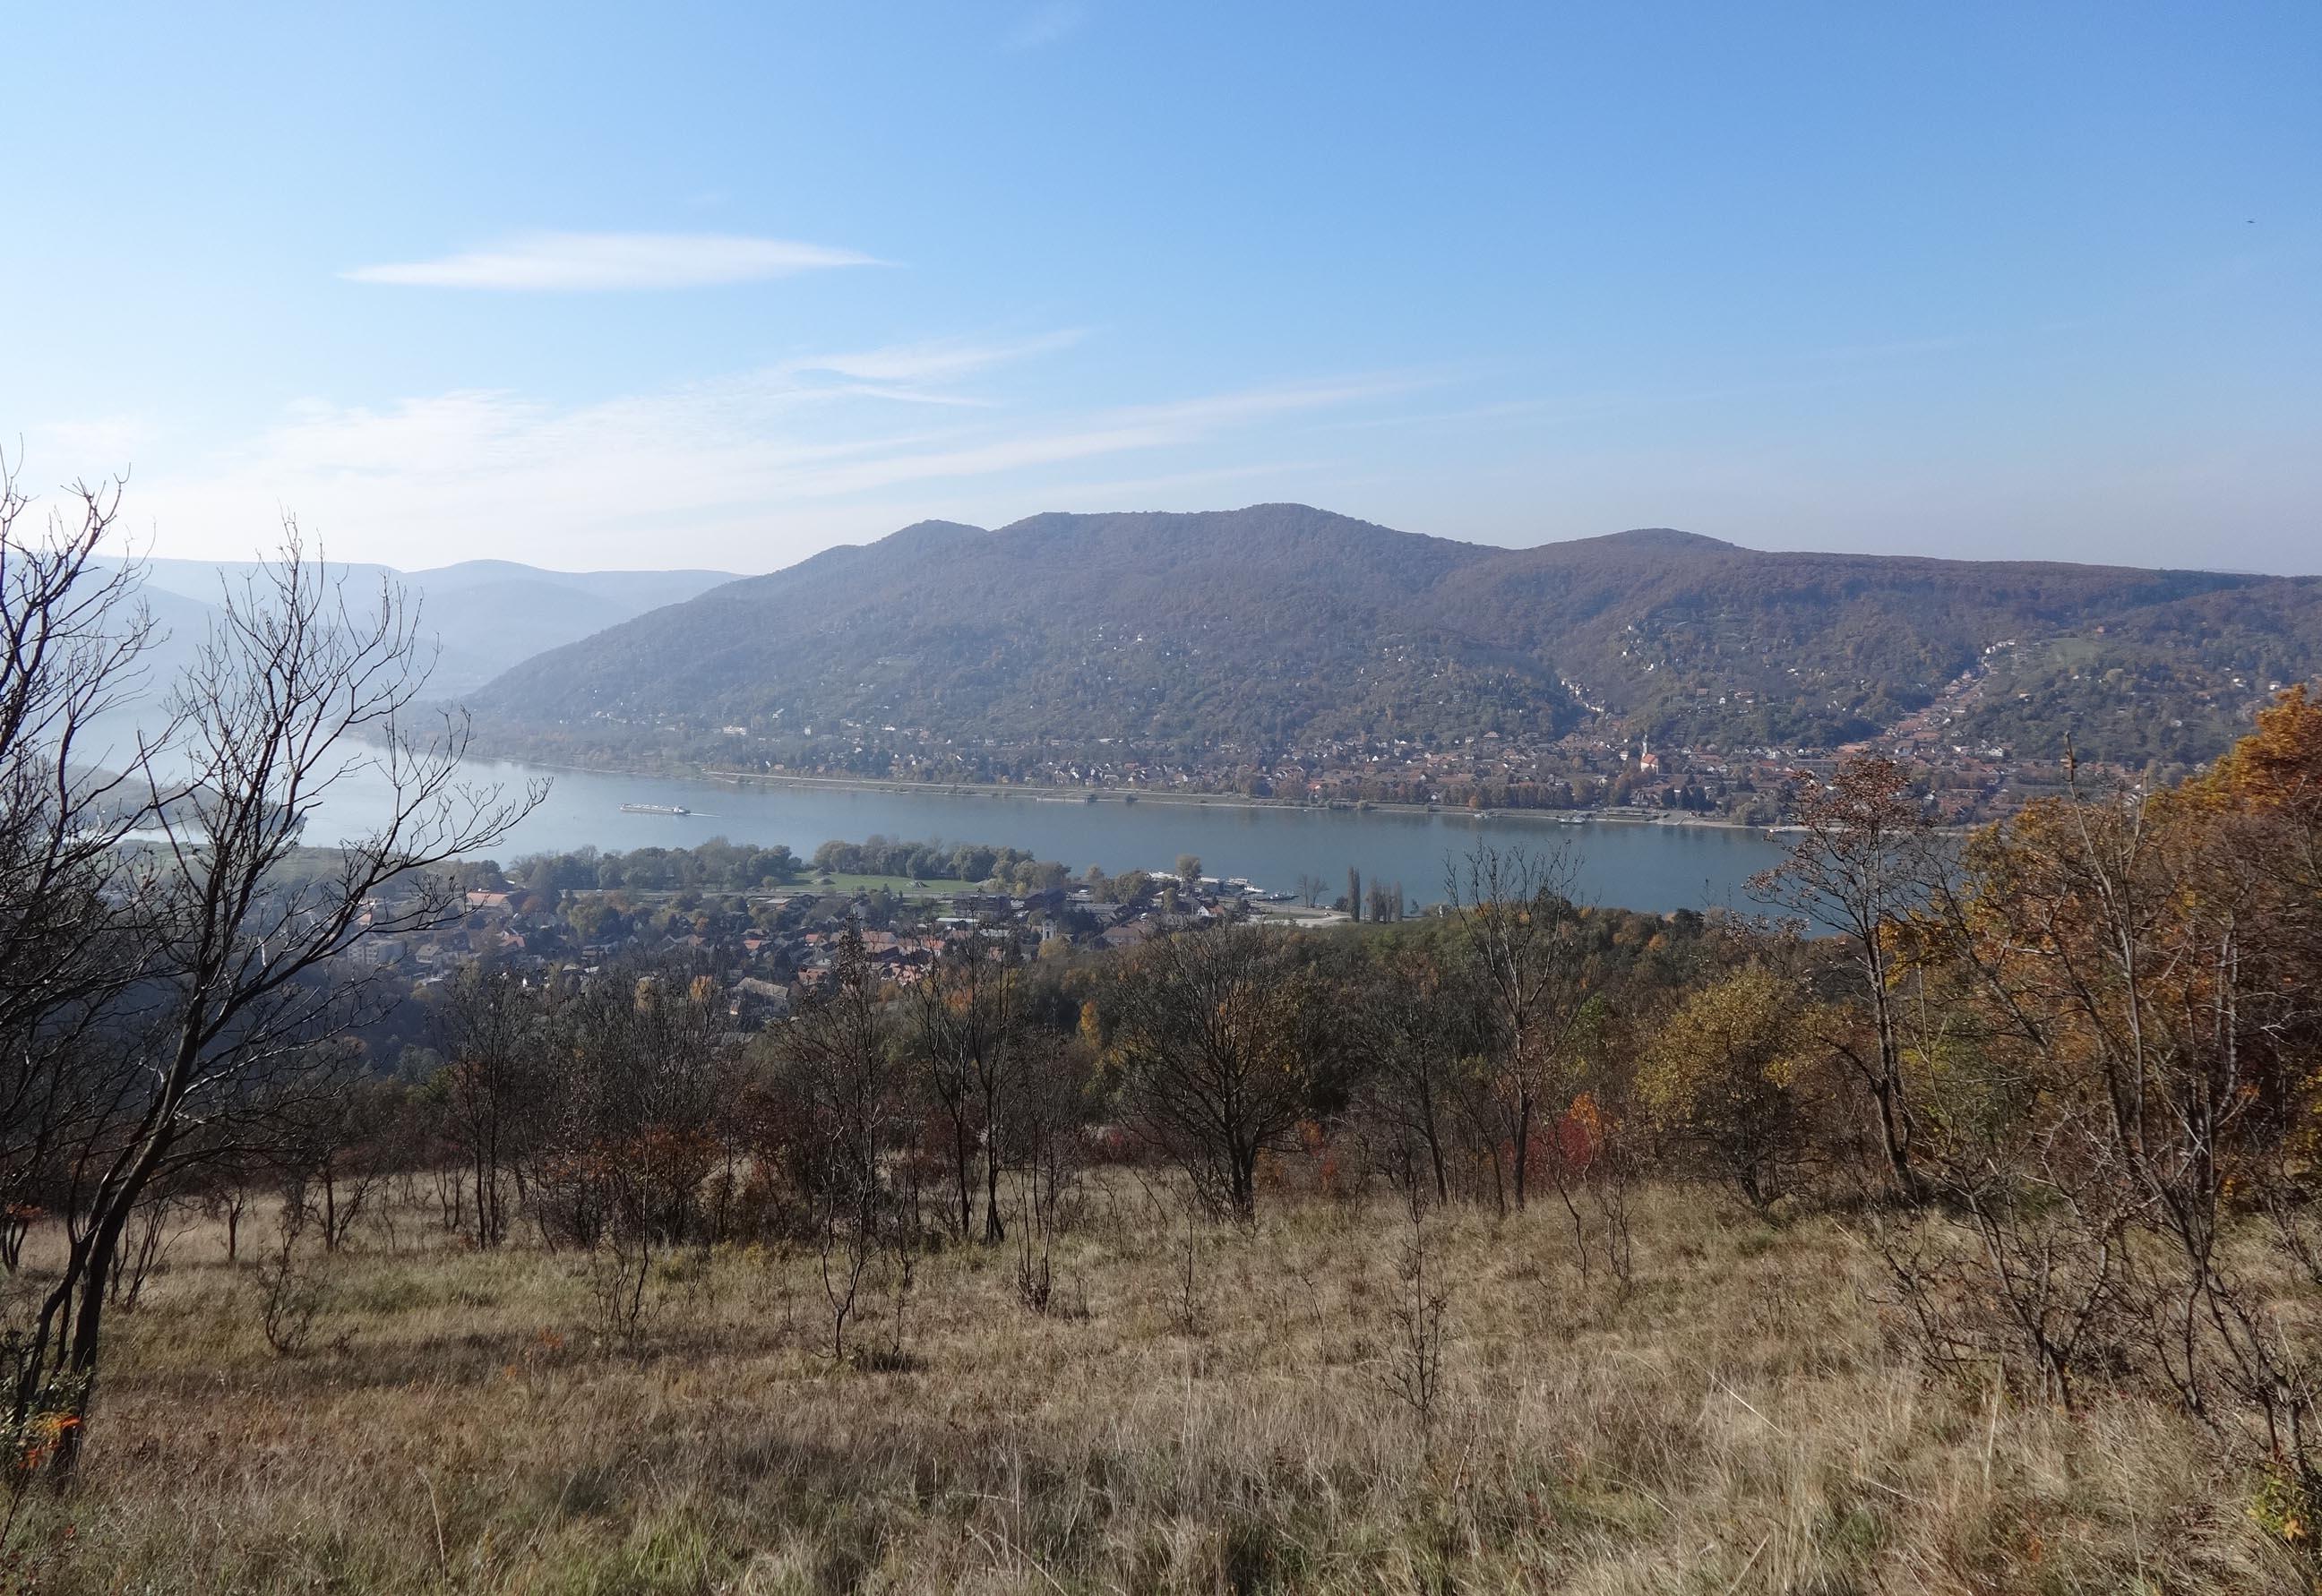 visegrad_dsc04742.jpg